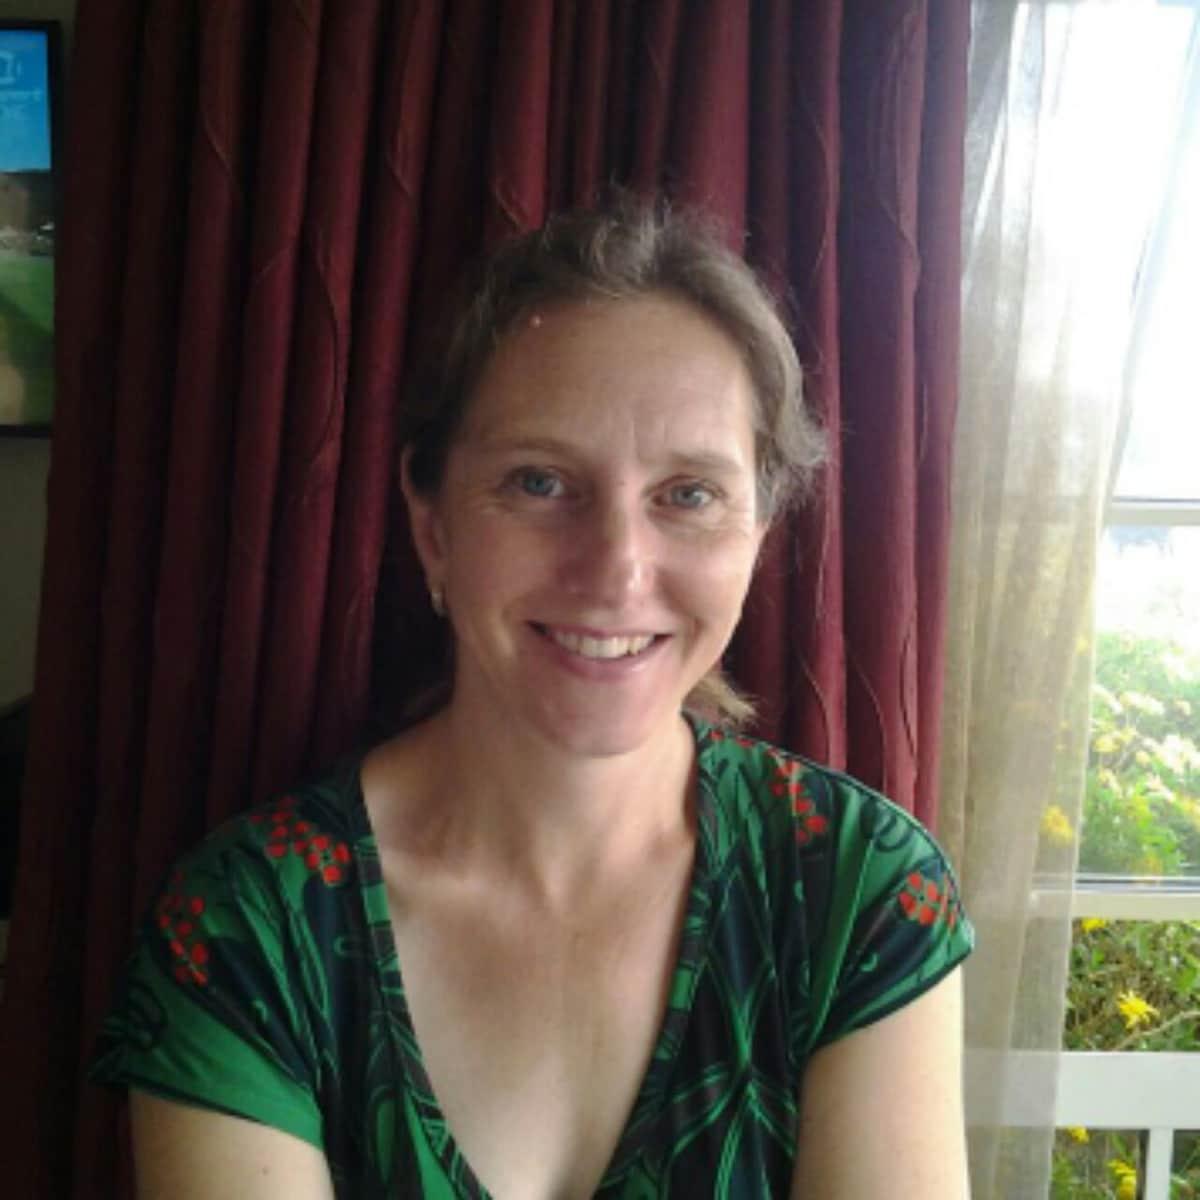 Katrina from Nelson